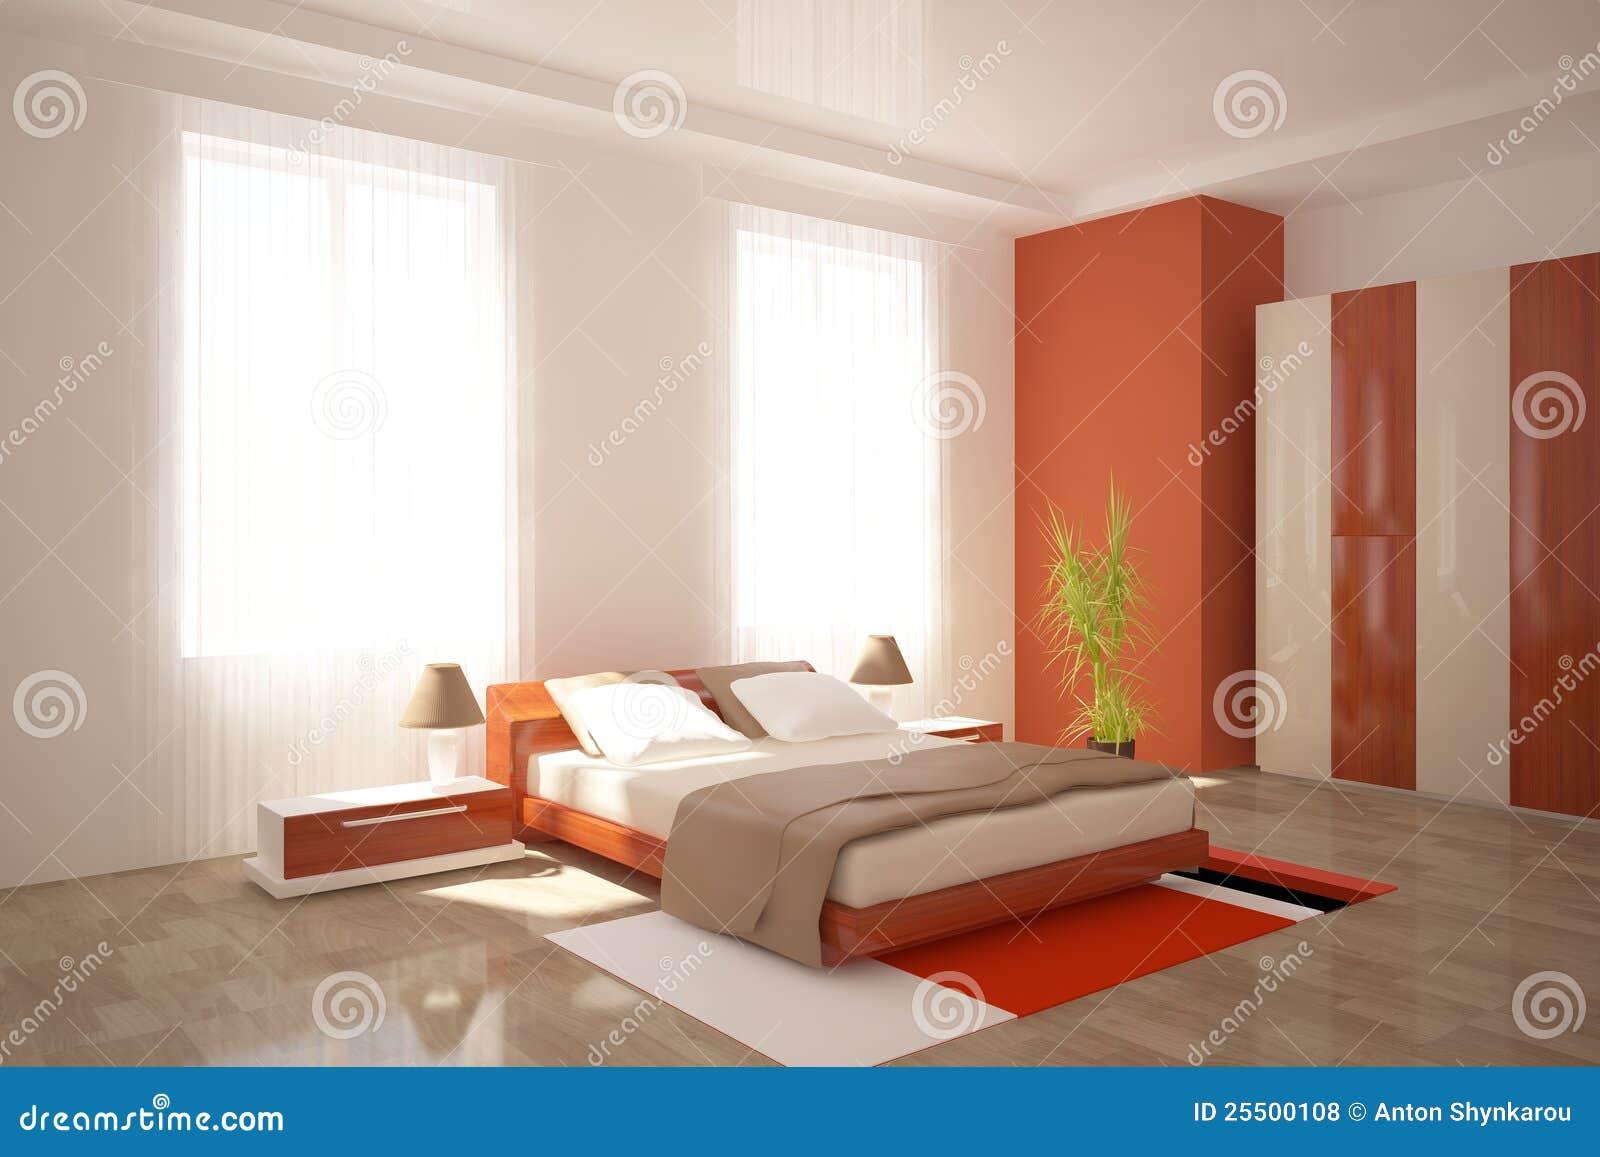 Meubles modernes de chambre coucher photos libres de for Ameublement de chambre a coucher